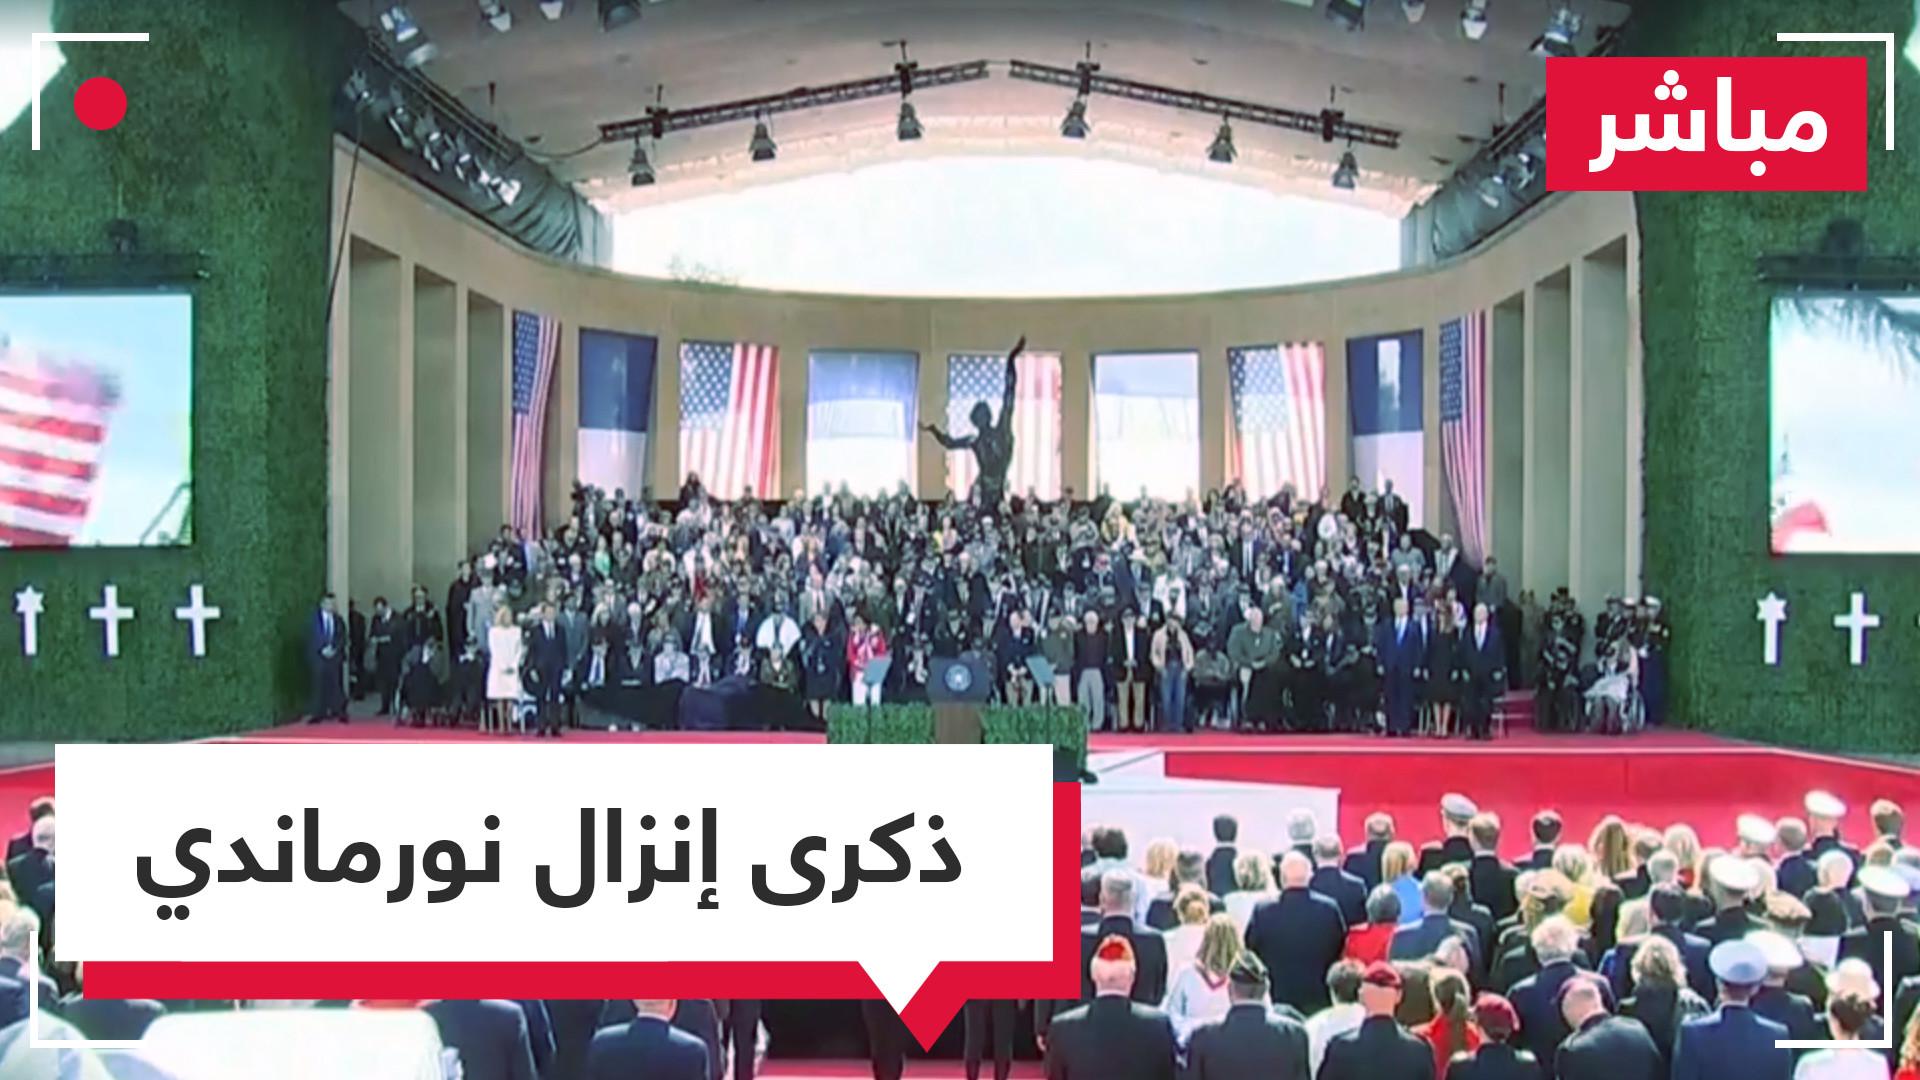 مباشر..فرنسا تحيي الذكرى 75 لإنزال نورماندي